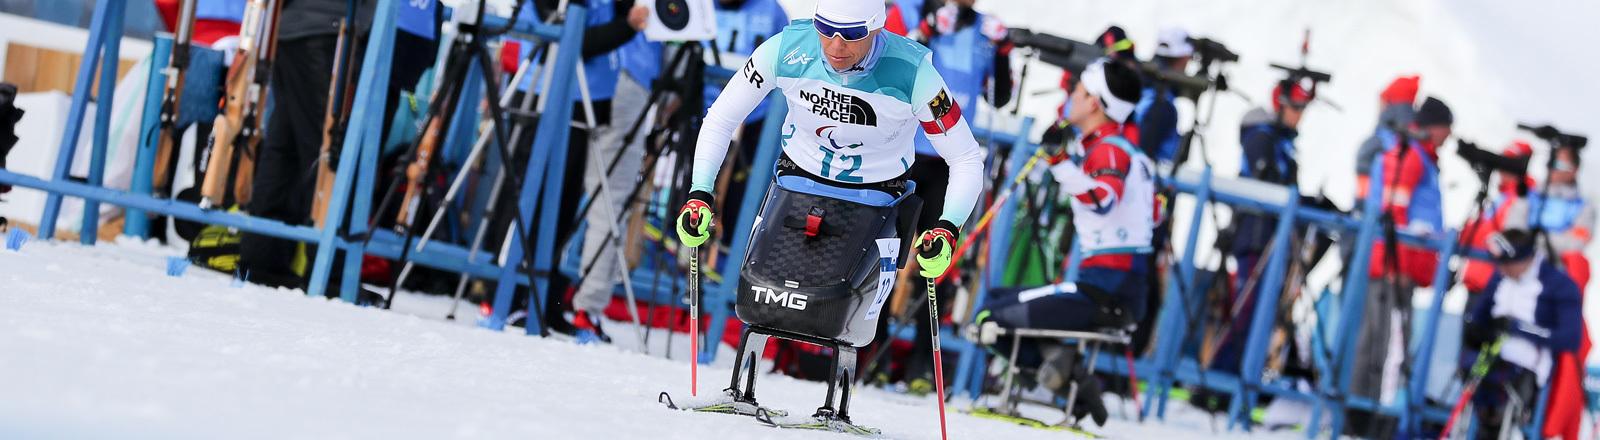 Die deutsche Athletin Andrea Eskau verlässt den Schießstand am 13.03.2018 bei den Paralympics in Südkorea; Foto: dpa